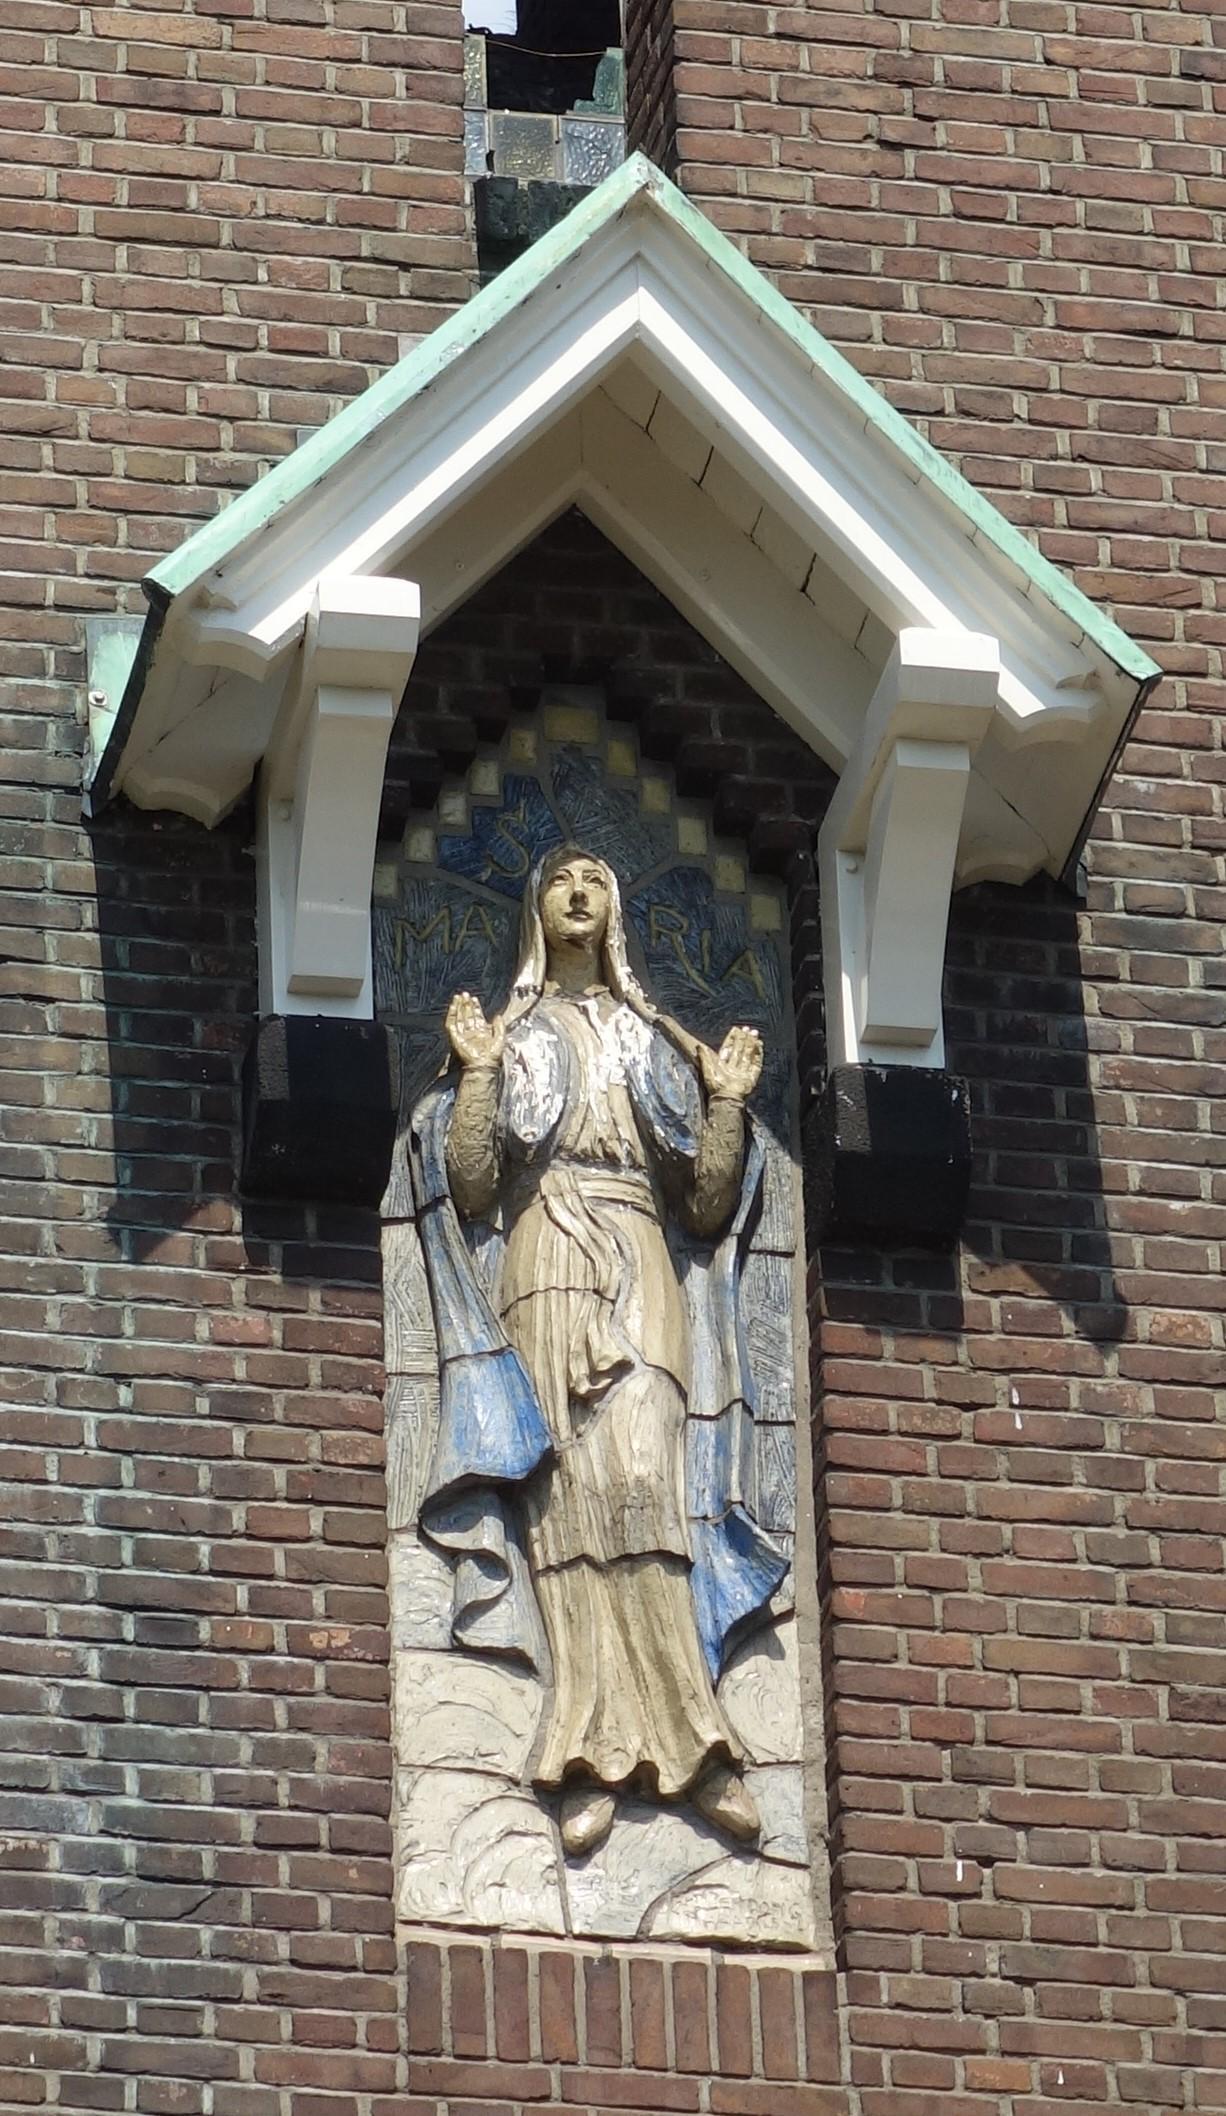 Met zomerbraderie wil Hoogmade het bisdom laten zien hoe afgebrande kerk leeft